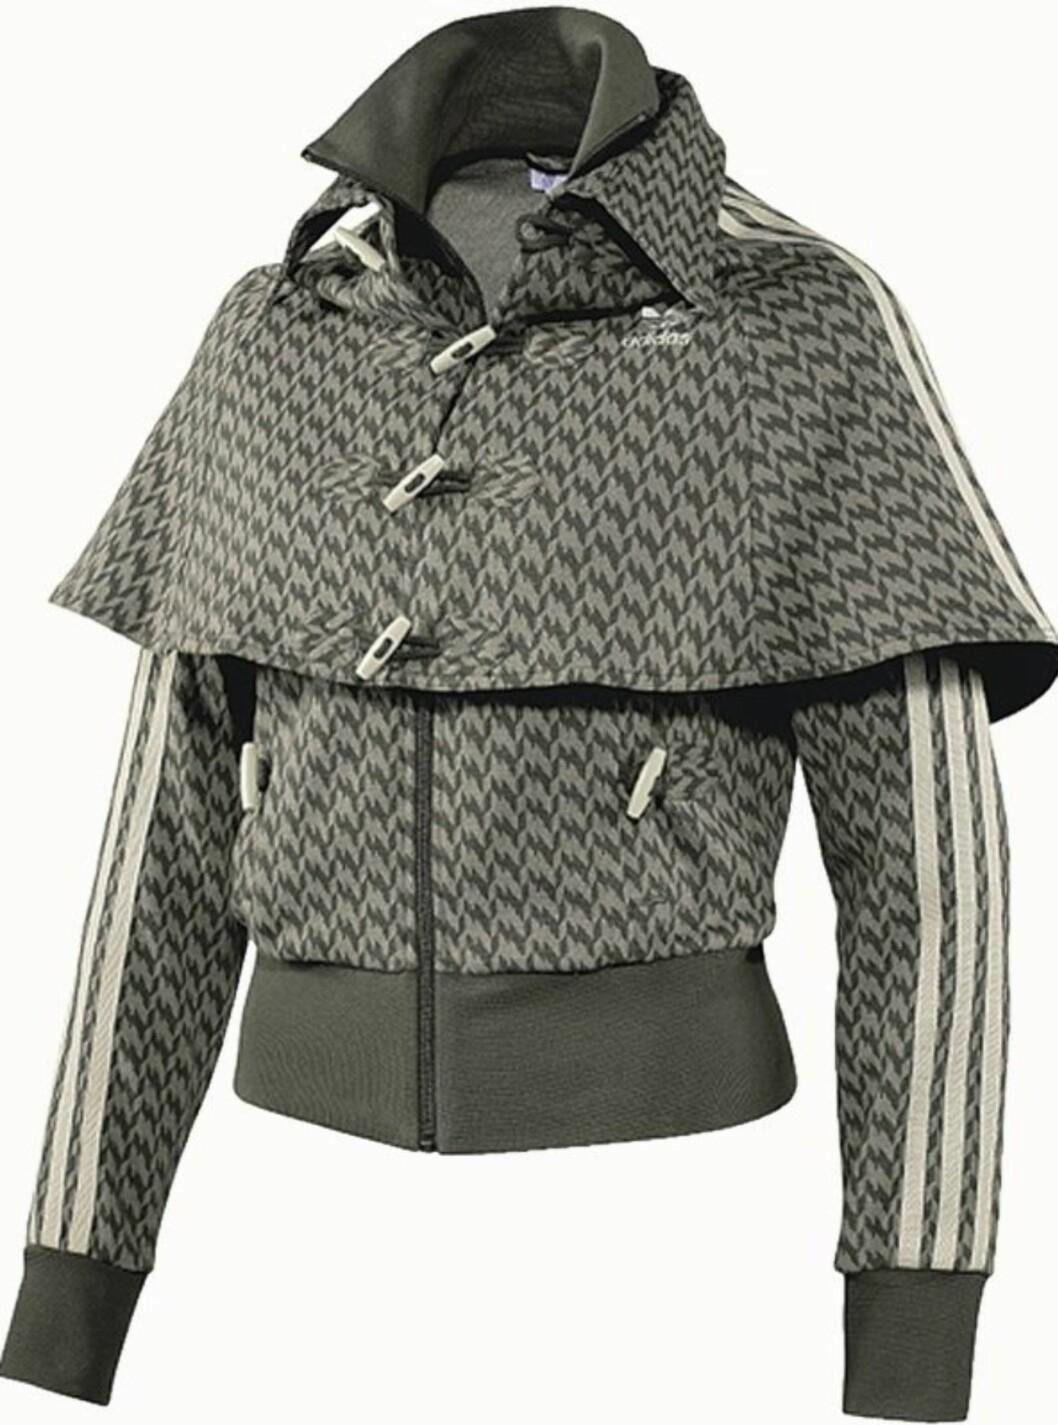 Cape i klassisk britisk stil (kr 1200, Adidas).